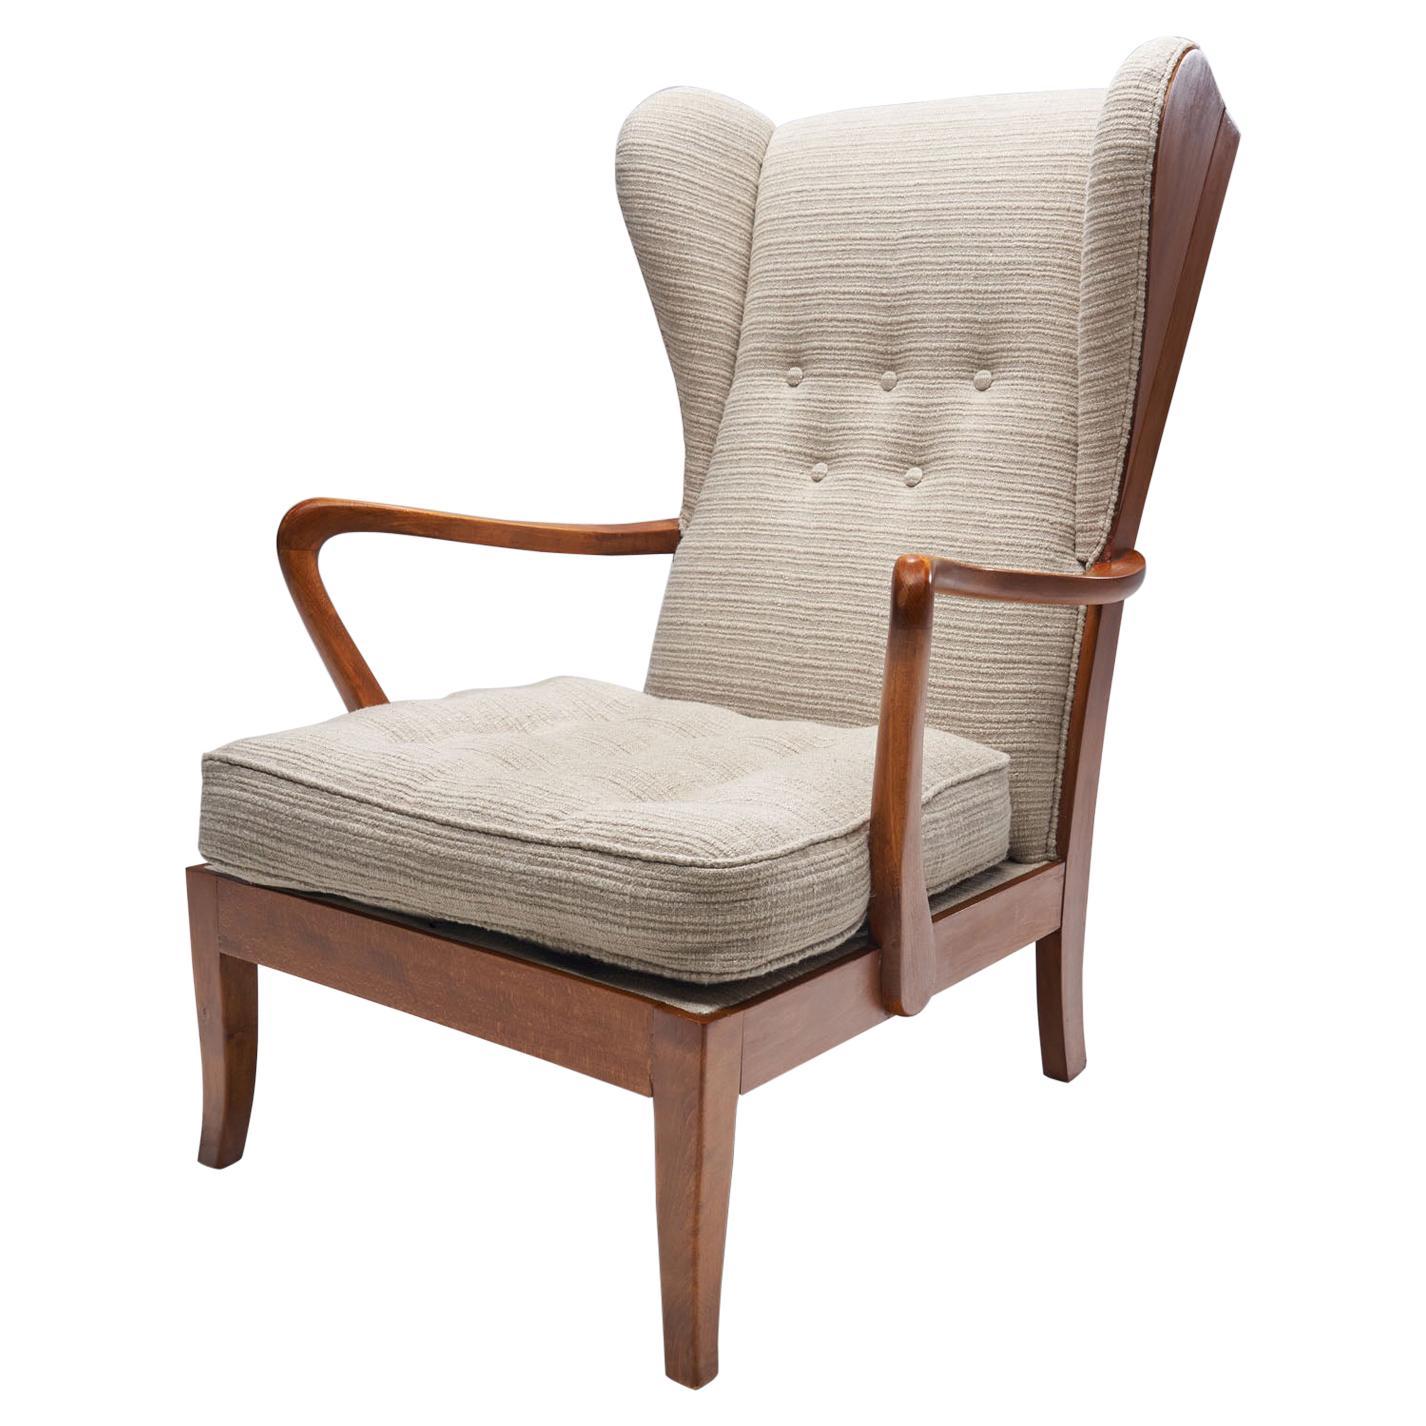 Danish Øreklapstolen Chair, Denmark, 1950s